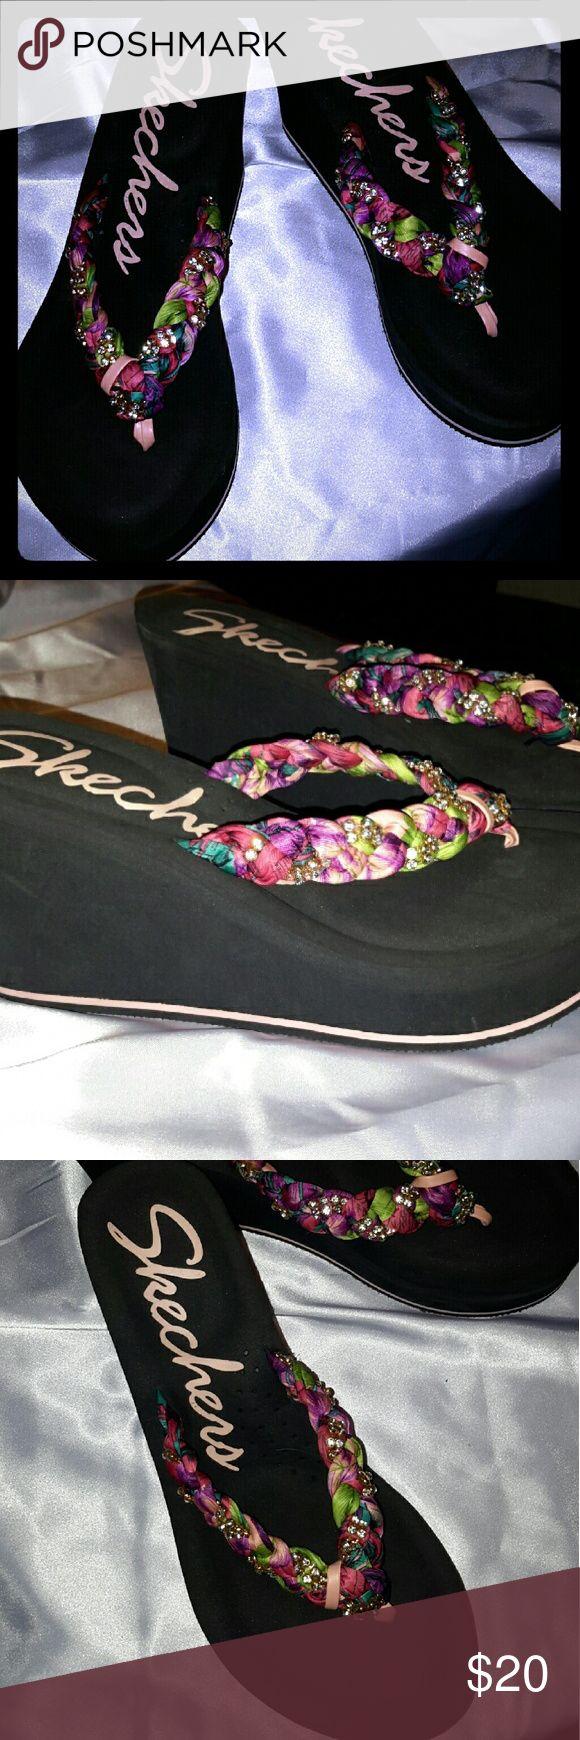 Skechers wedge sandles Super cute skechers wedge sandles  ... Never worn. . Short hubby.. lol Skechers Shoes Sandals